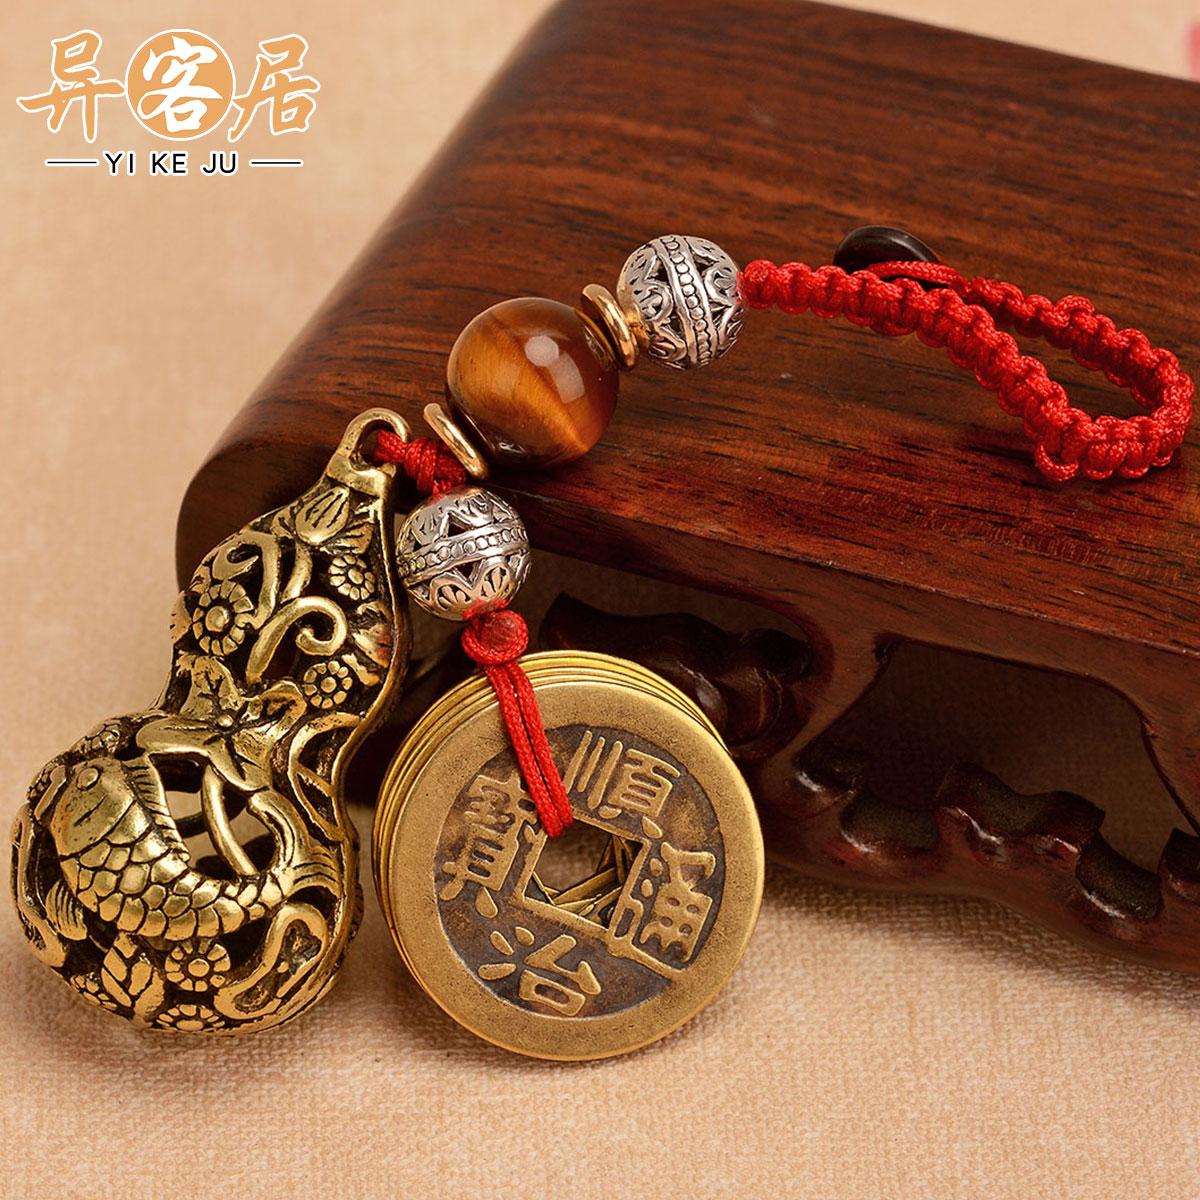 异客居汽车钥匙挂件双鱼铜葫芦五帝钱钥匙扣挂件个性创意生日礼物